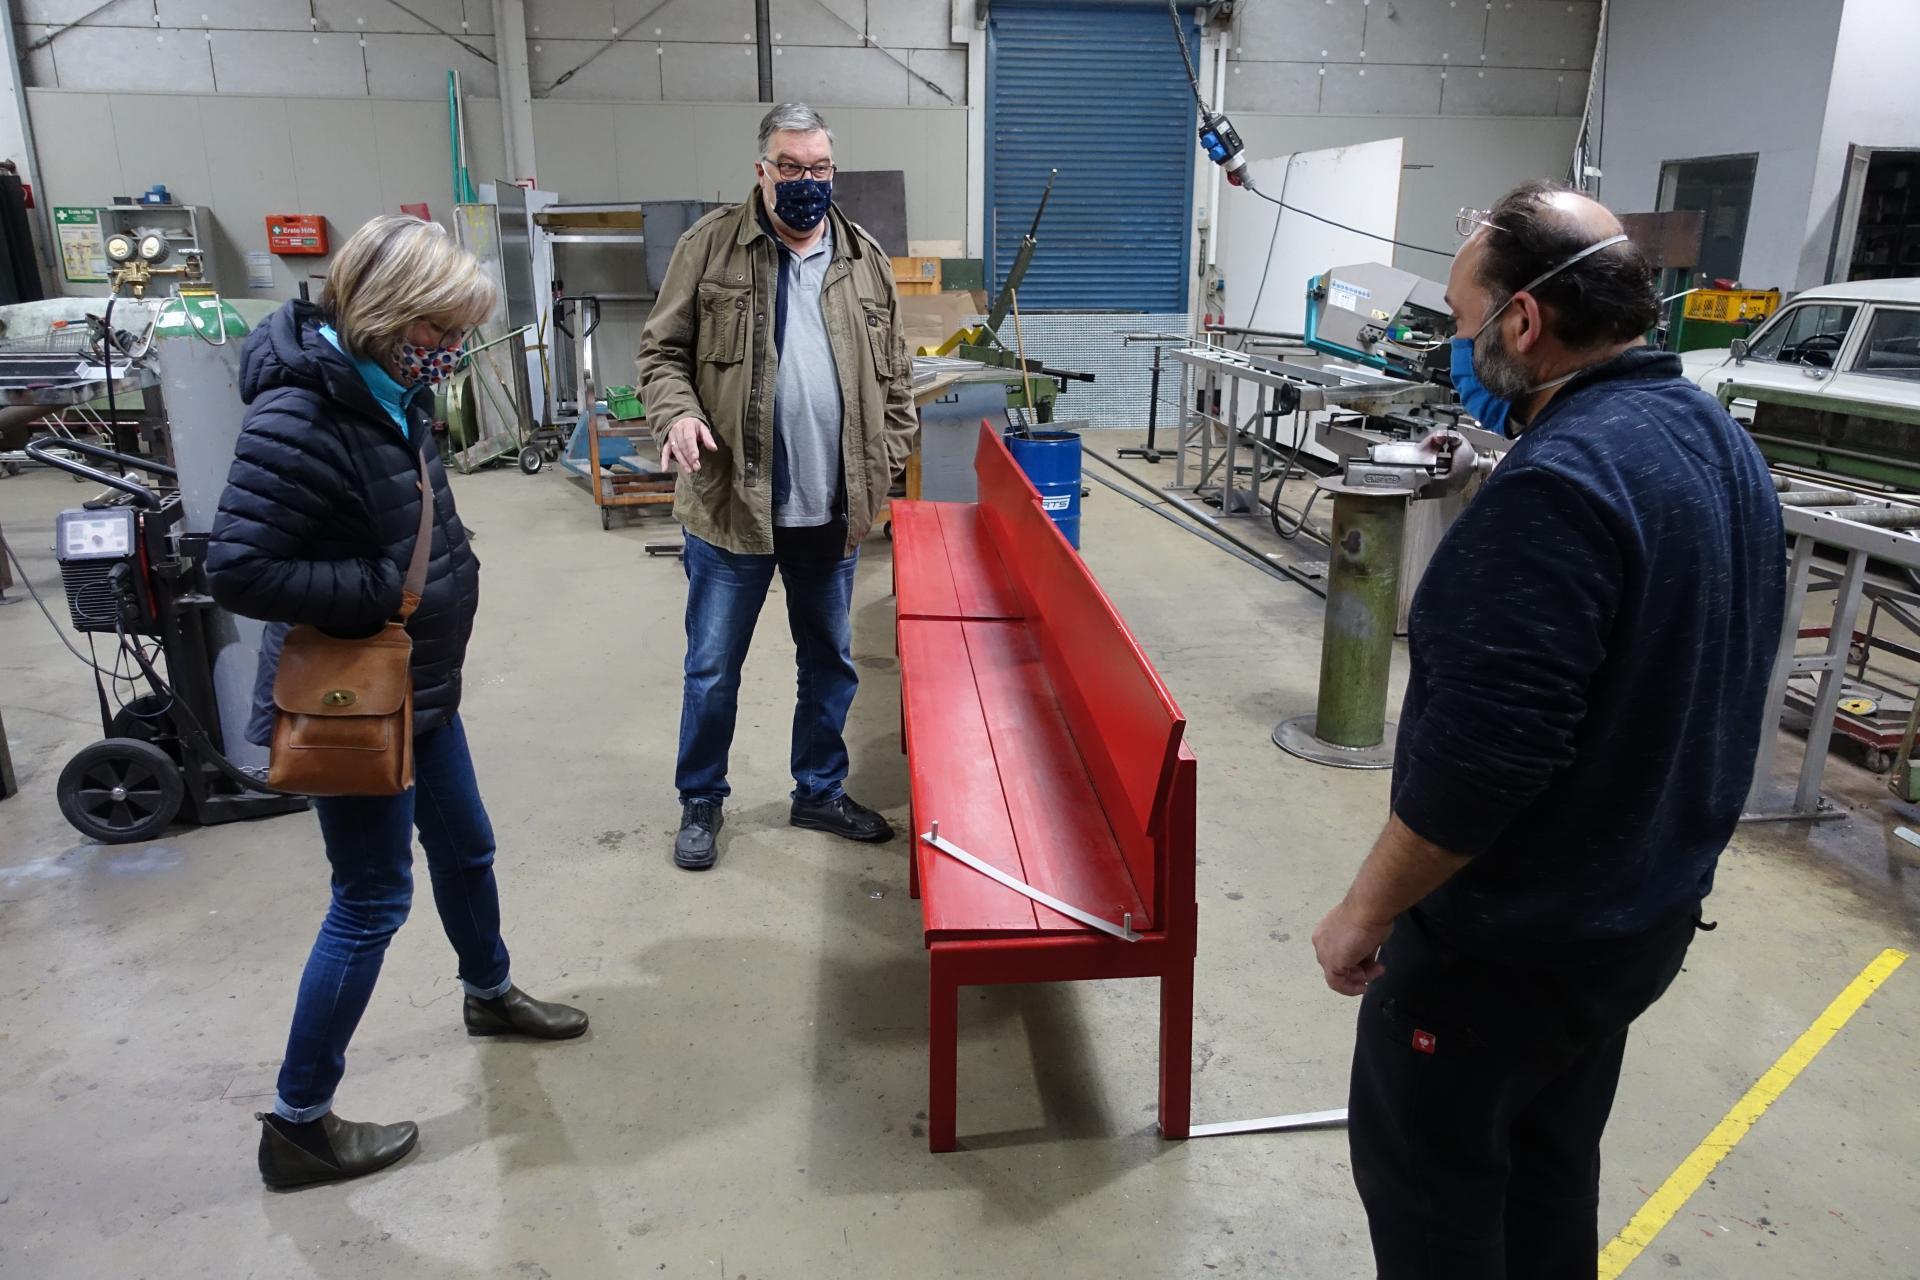 Bild 165 zeigt den Ortstermin in Göttingen mit meiner Frau, Frank Wagner und Martin Rojas, den Chefschlosser